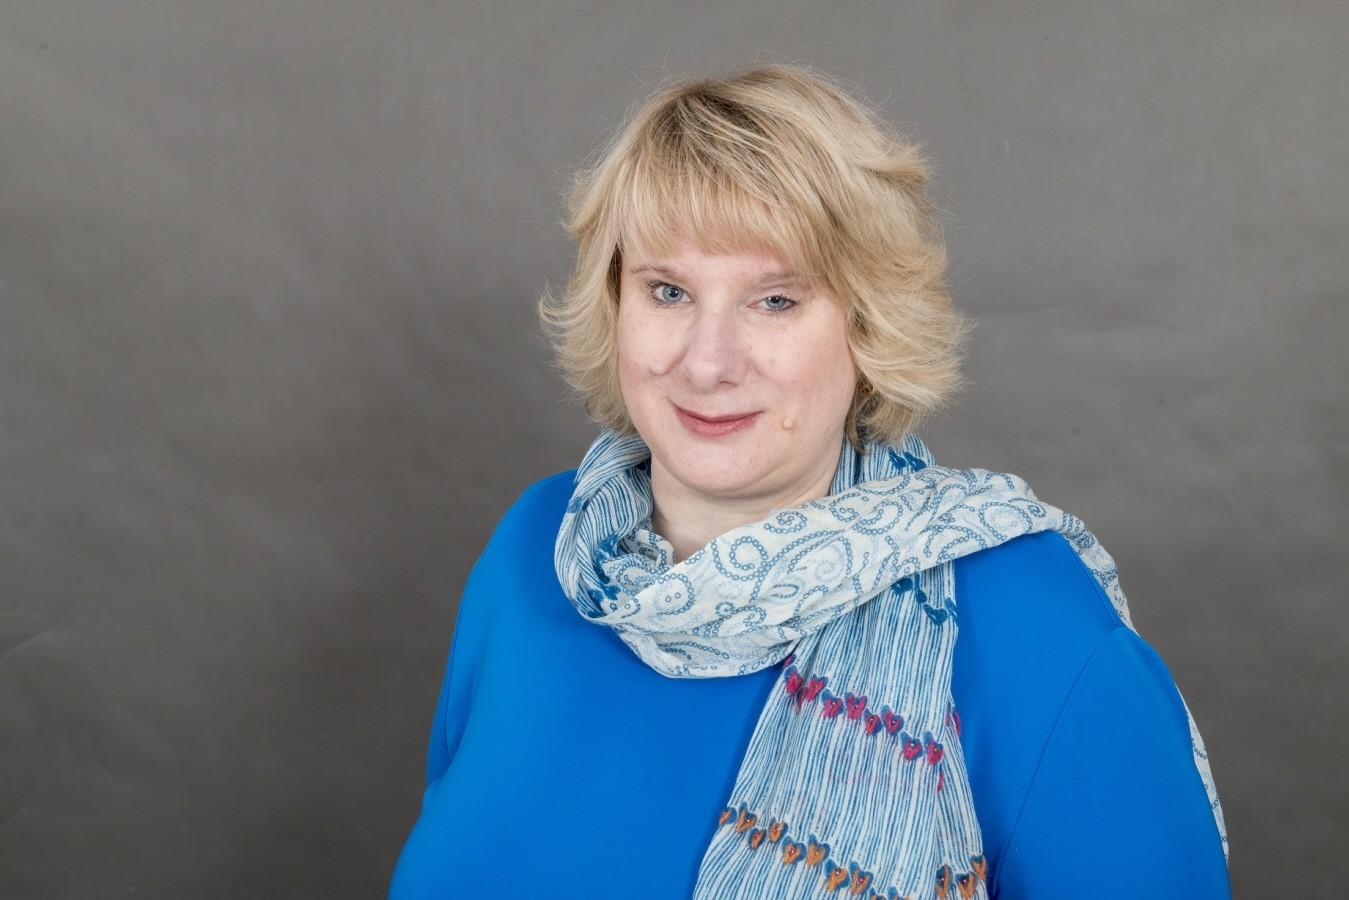 LLydia Reis gründete eine Selbsthilfegruppe für herzkranke Patienten in Ebersberg